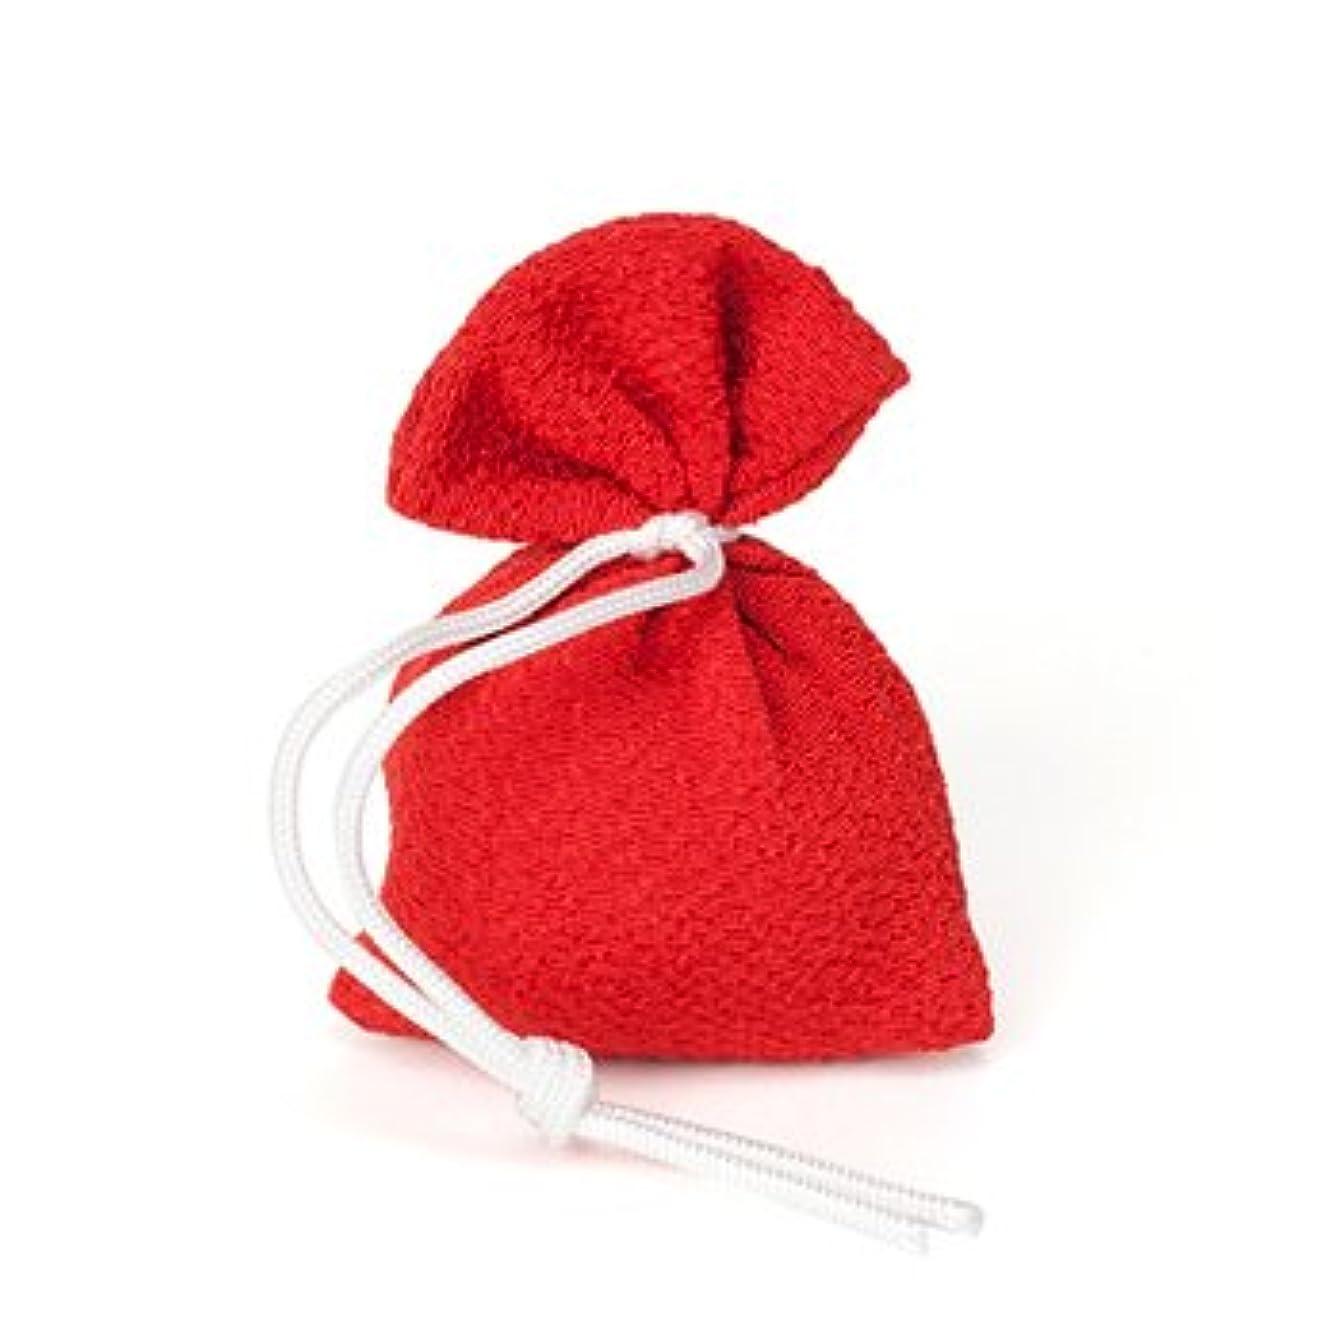 追跡デクリメント昇進松栄堂 匂い袋 誰が袖 上品(無地) 1個入 (色をお選びください) (赤)